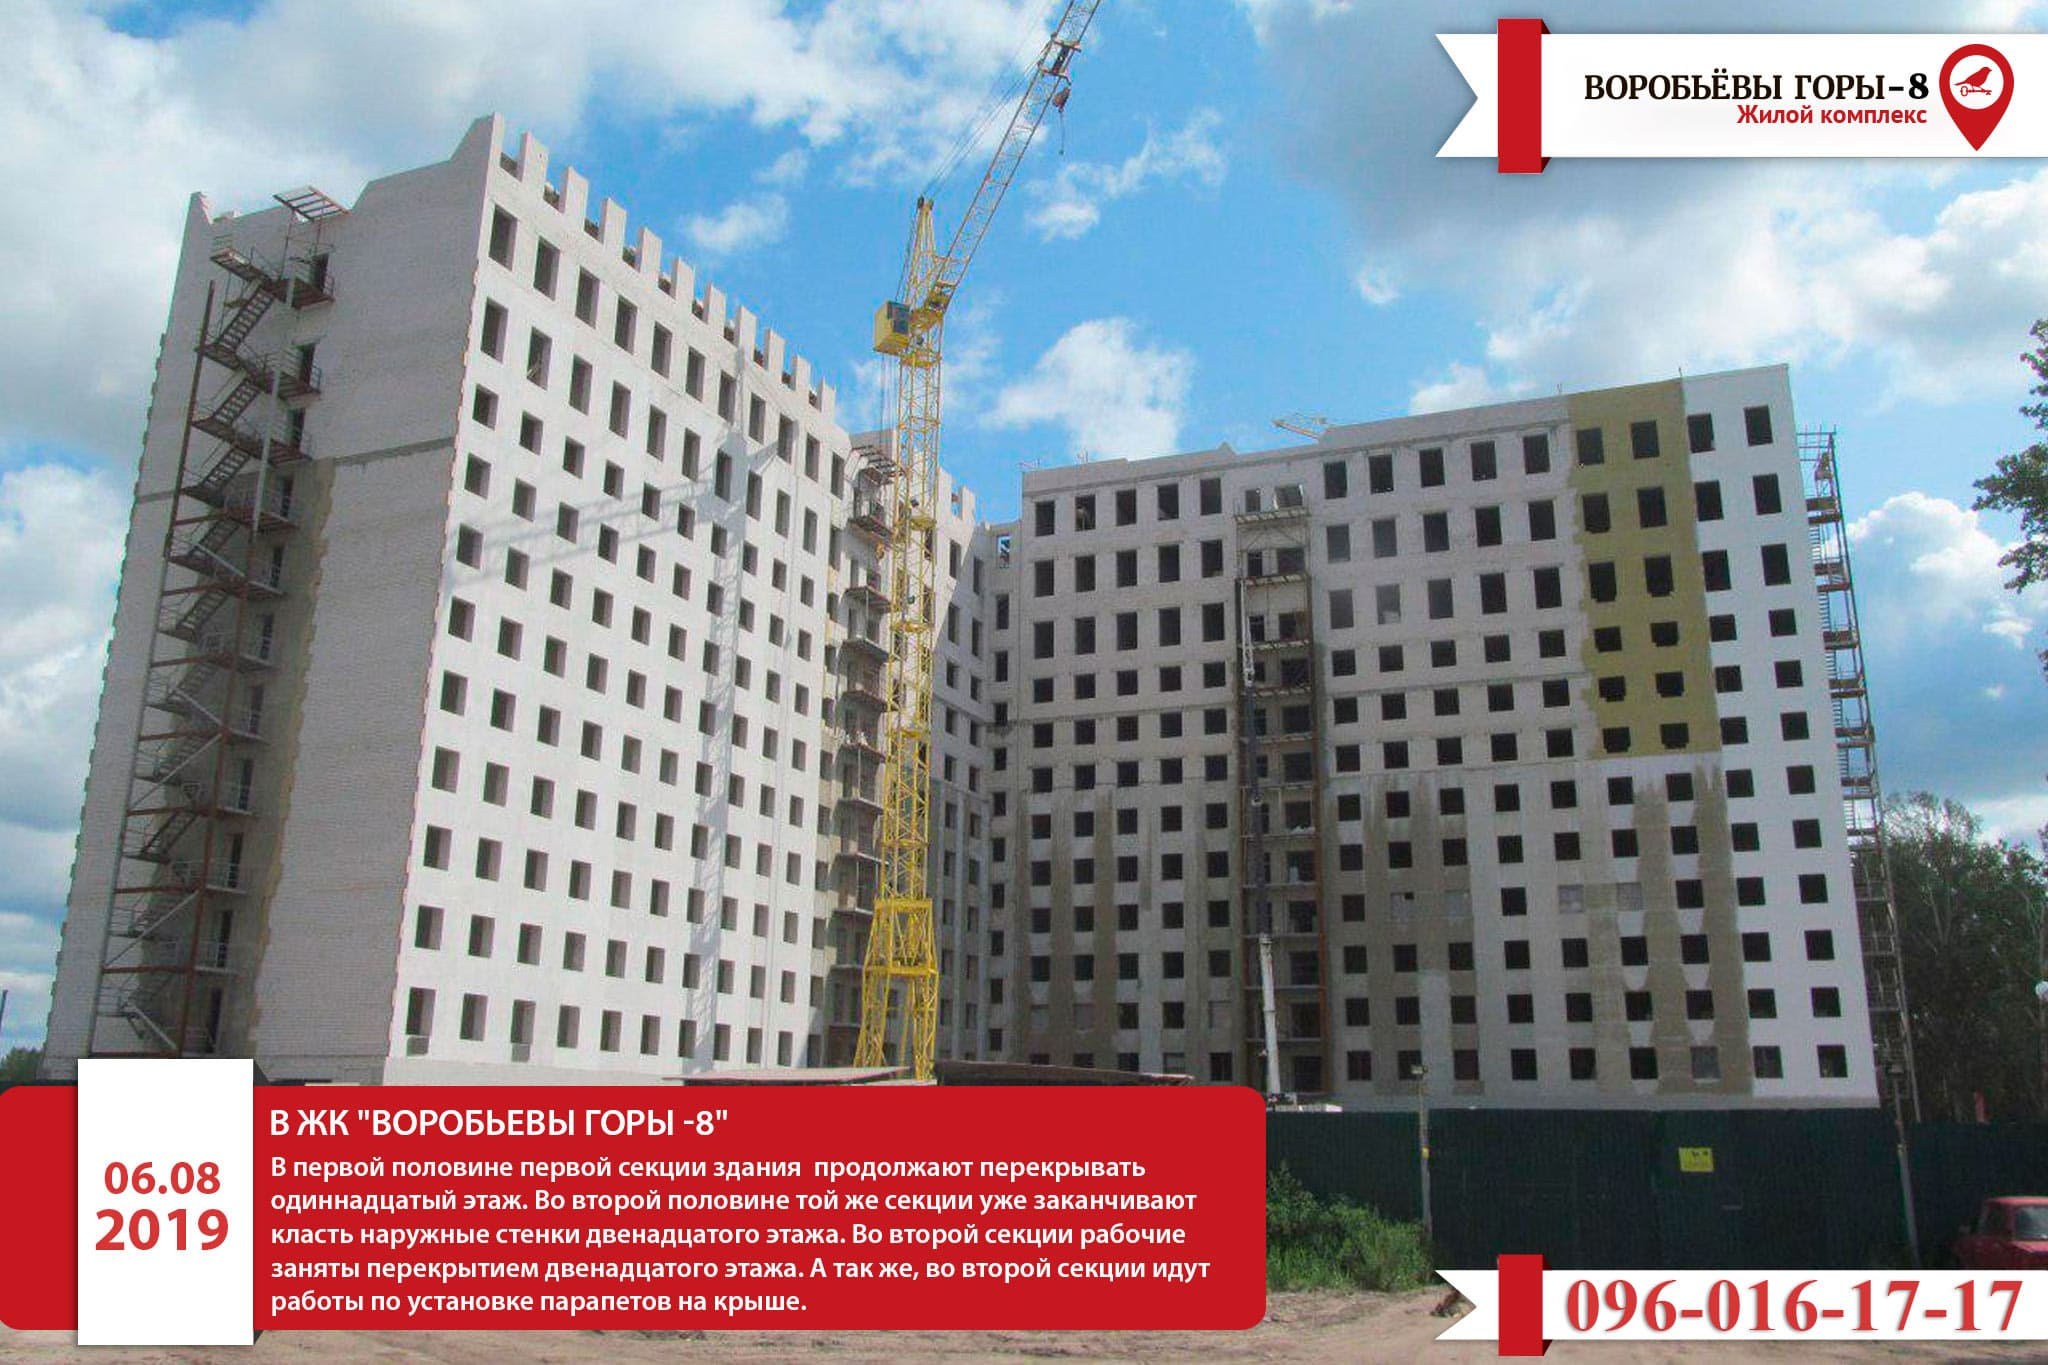 Актуальная информация о ходе строительства восьмой новостройки «Воробьевы Горы» на Академика Павлова